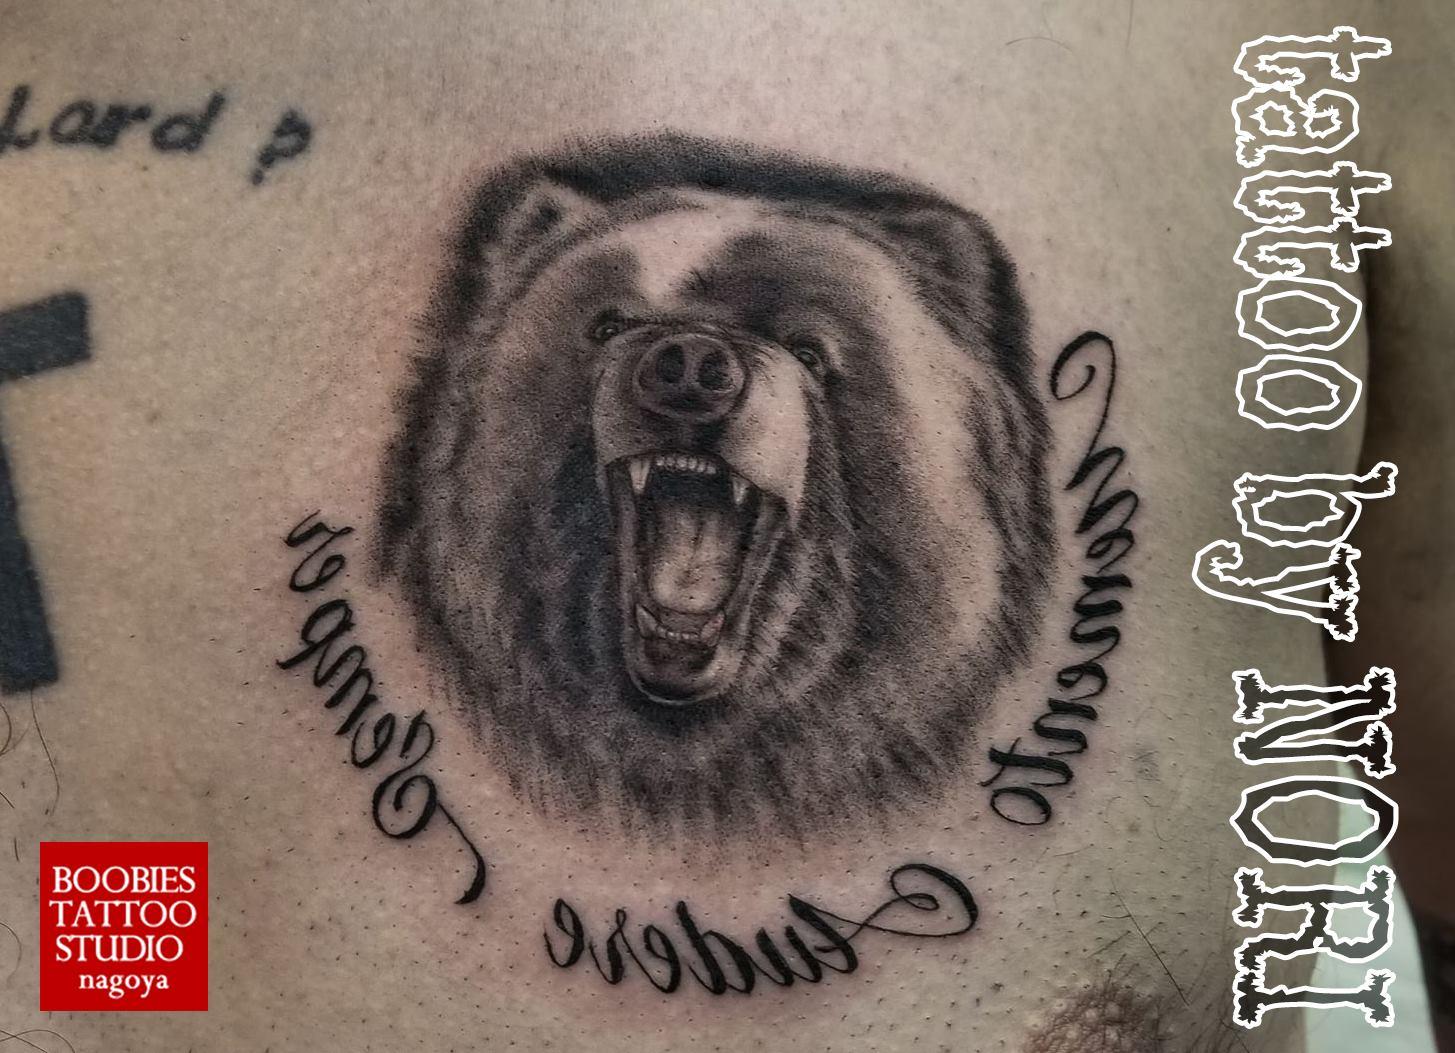 ブラック&グレイタトゥー熊カナディアンベアー